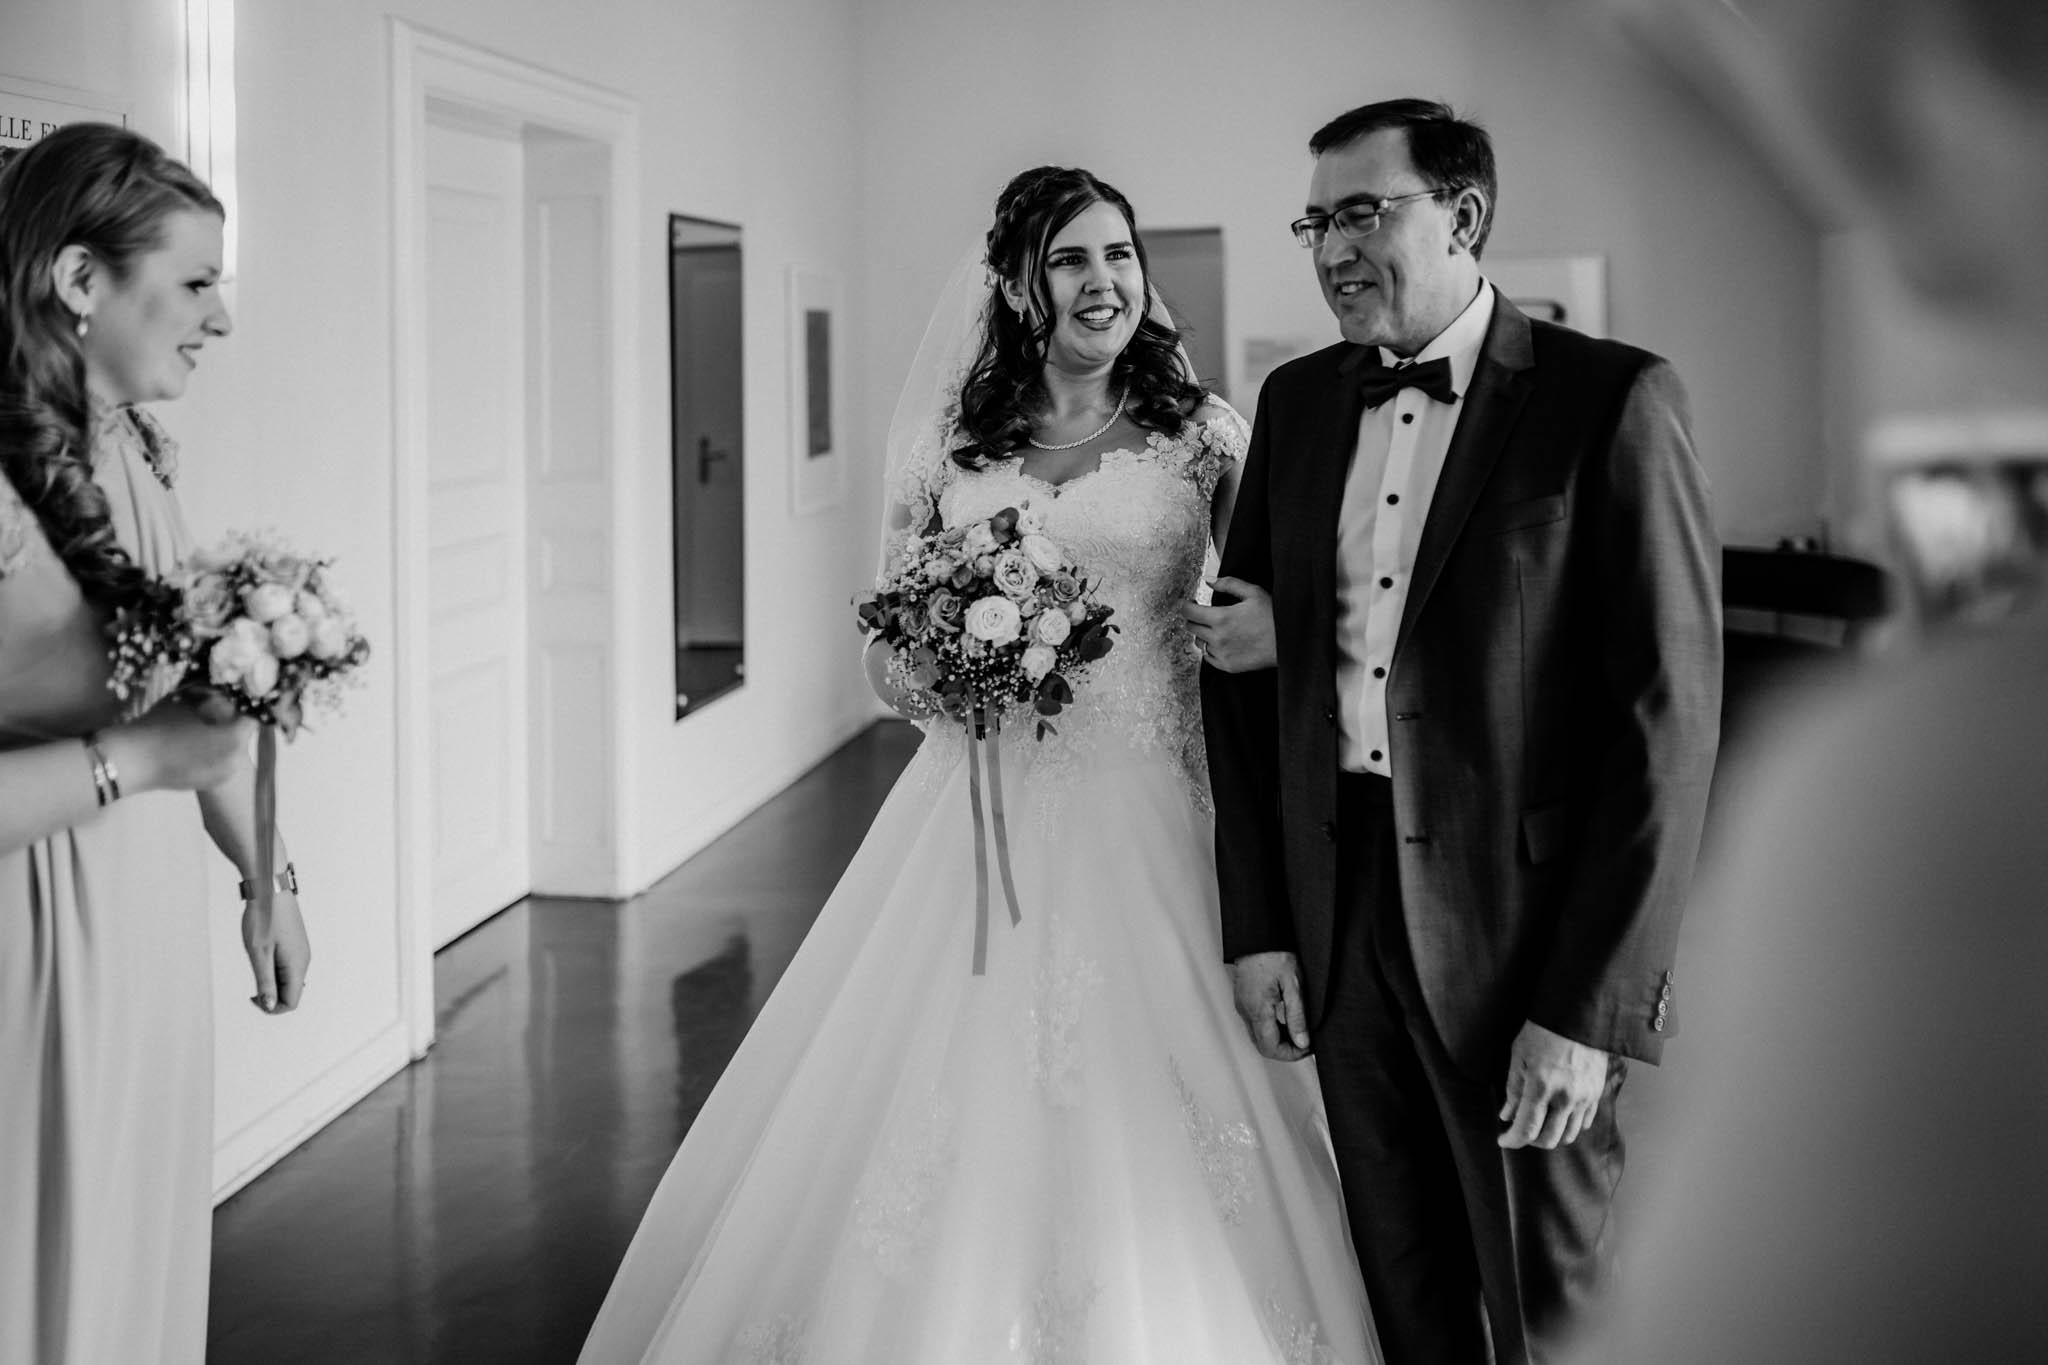 Hochzeitsfieber by Photo-Schomburg, Hochzeitsfotograf, Hamburg, Altona, wedding, Standesamt Altona, Appen, Hochzeitsshooting, Hochzeitstag, Brautpaar-41